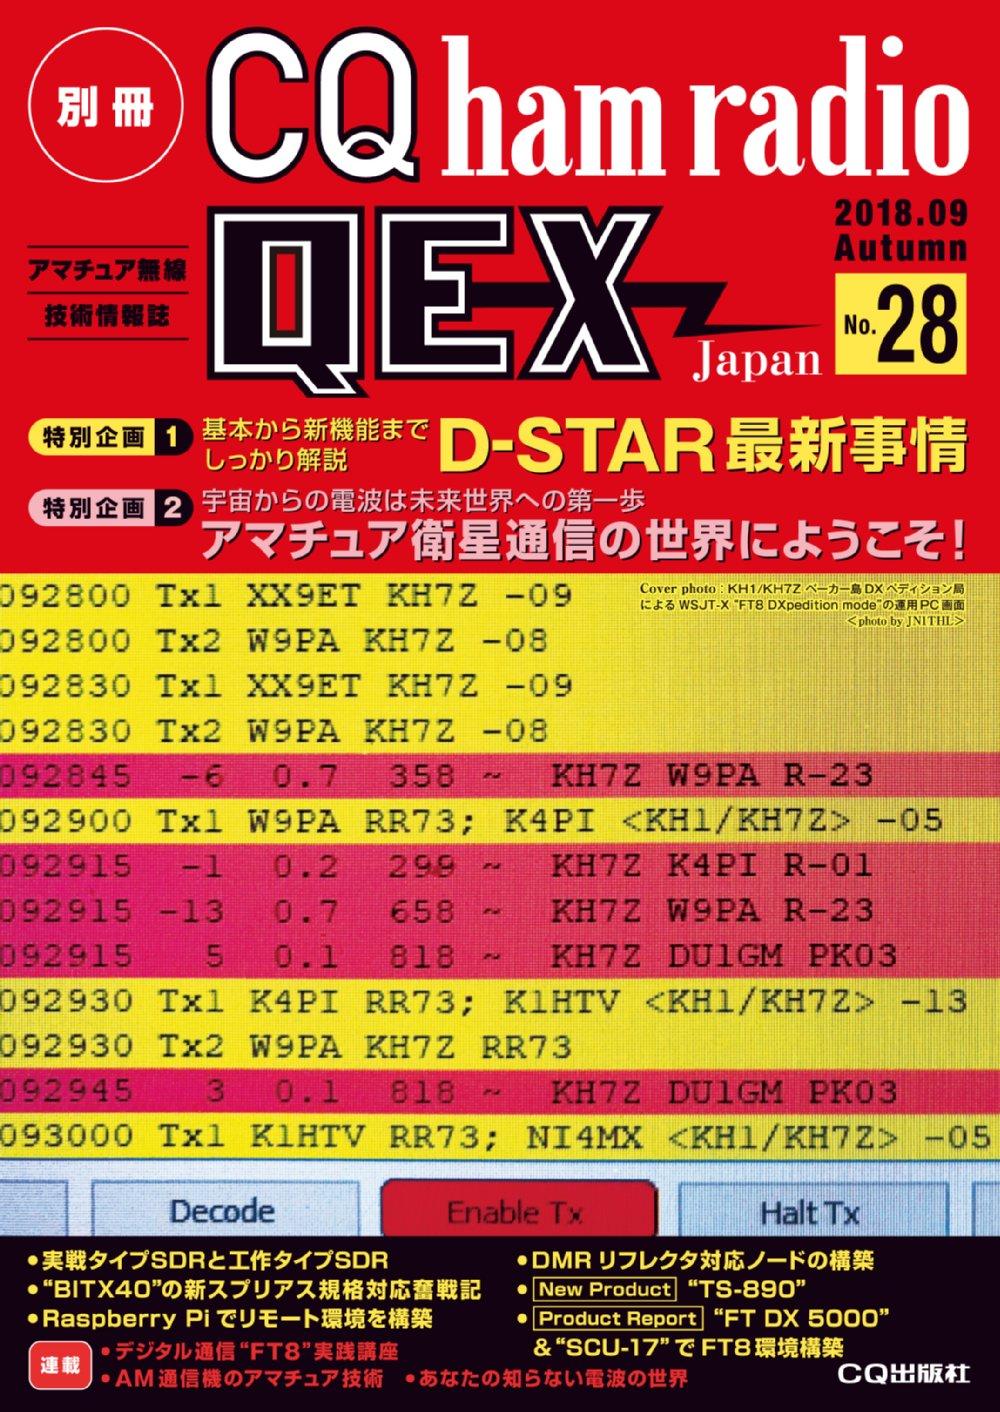 別冊CQ ham radio QEX Japan No.28